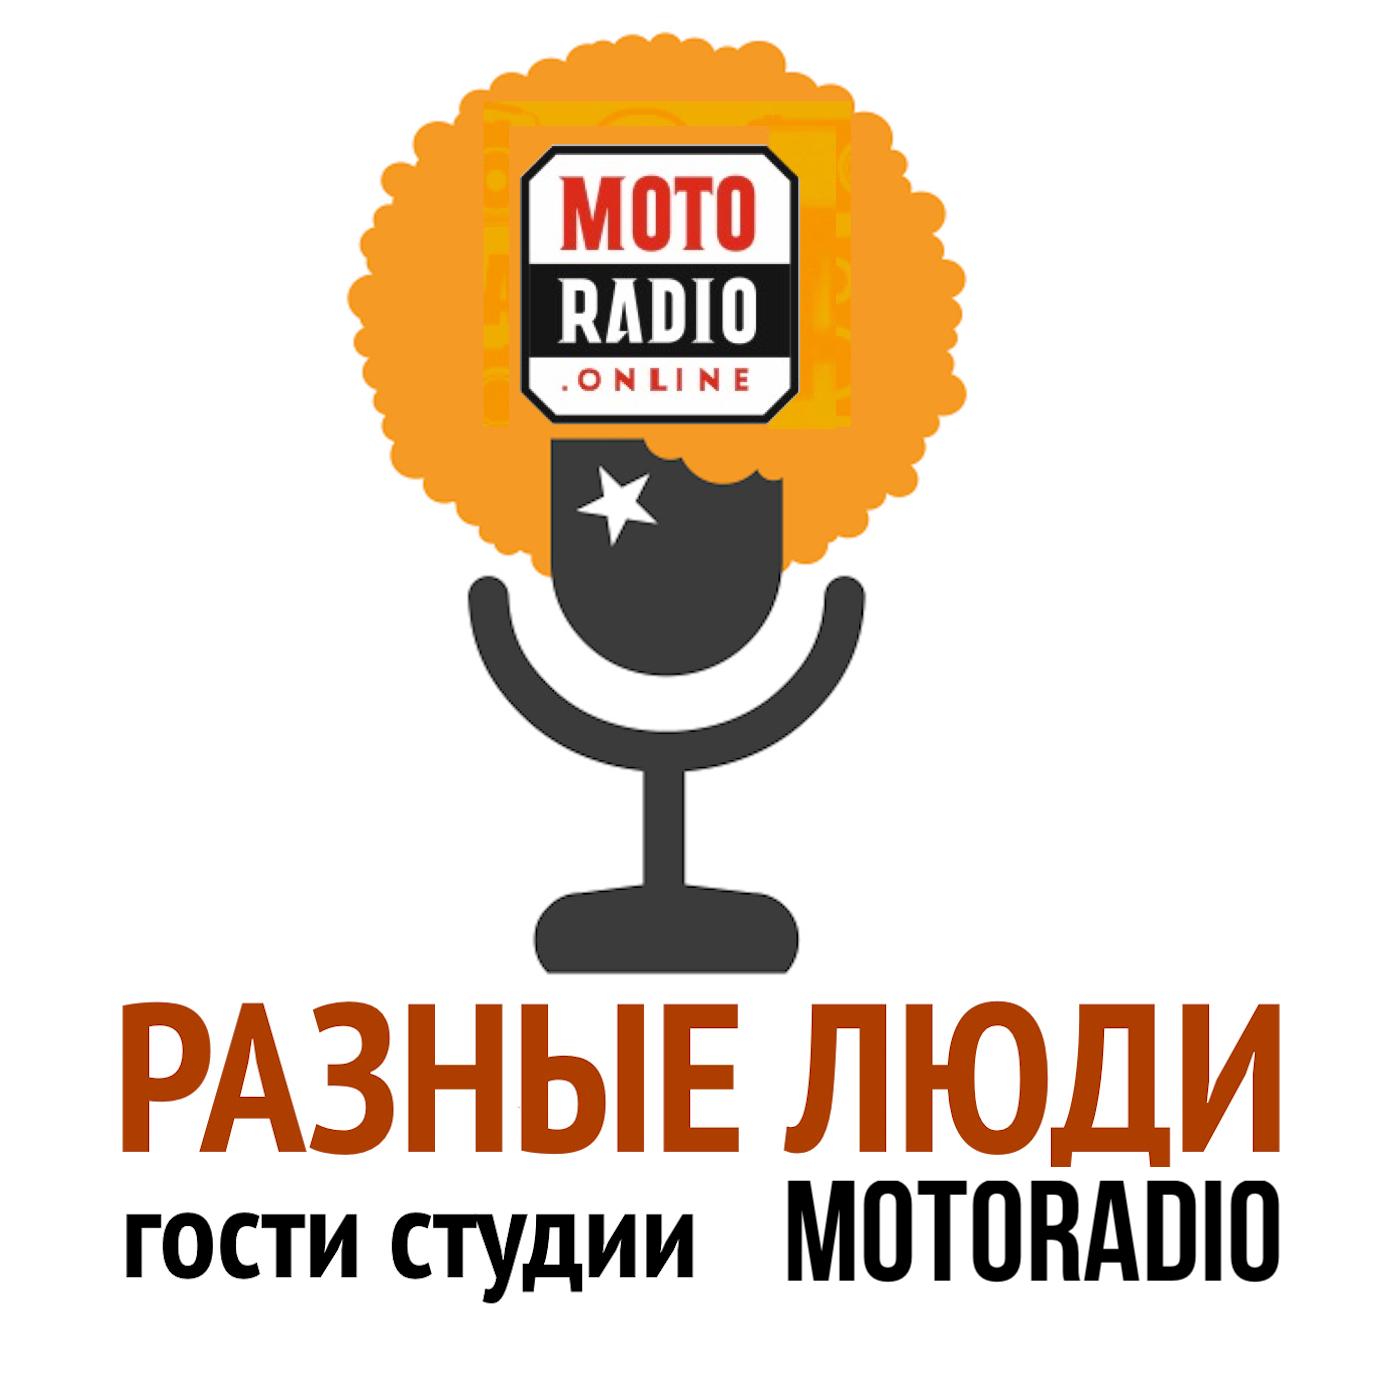 Моторадио Актриса Кристина Кузьмина гость студии Фонтанка ФМ. крем кристина отзывы